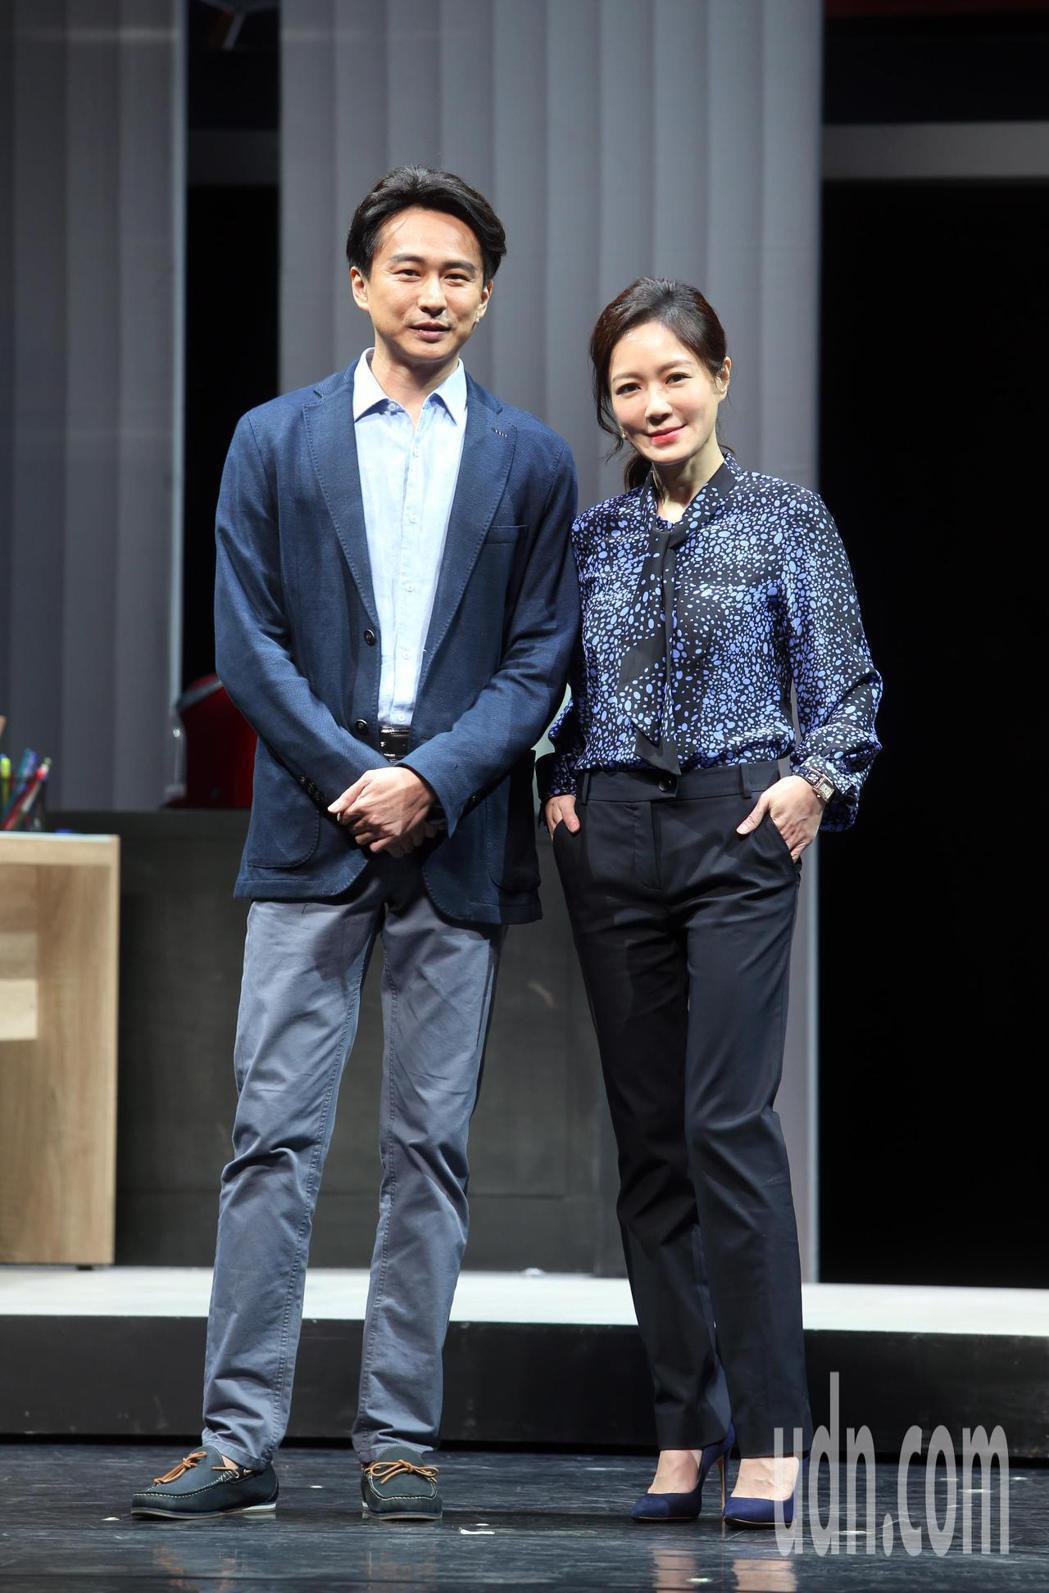 「我們與惡的距離」劇場版彩排,尹馨(右)、狄志杰(左)等人出席。記者曾吉松/攝影